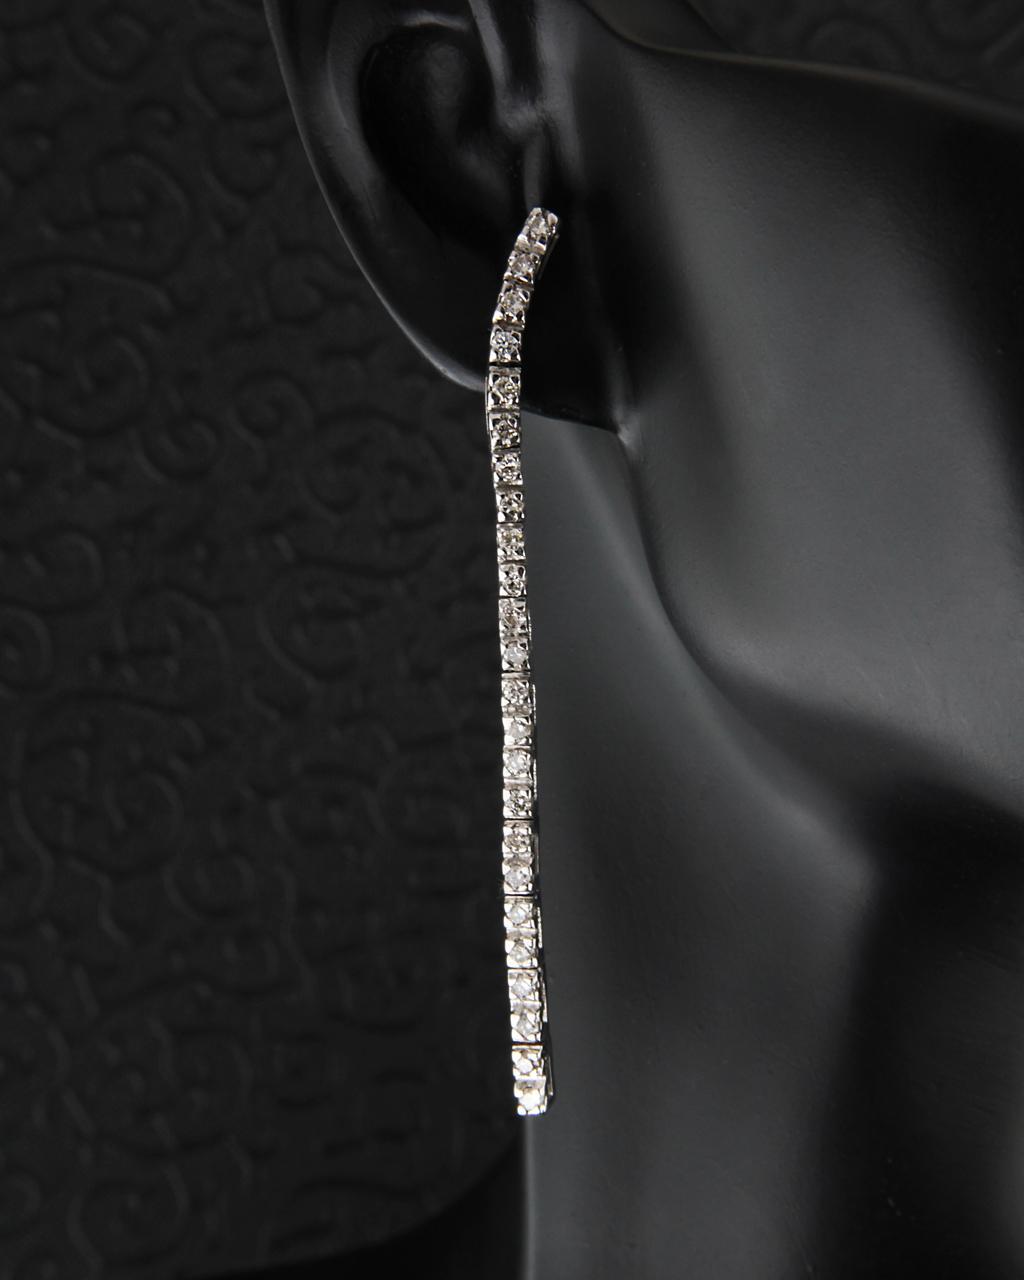 Σκουλαρίκια από λευκόχρυσο Κ18 με Διαμάντια   γαμοσ νυφικό κόσμημα